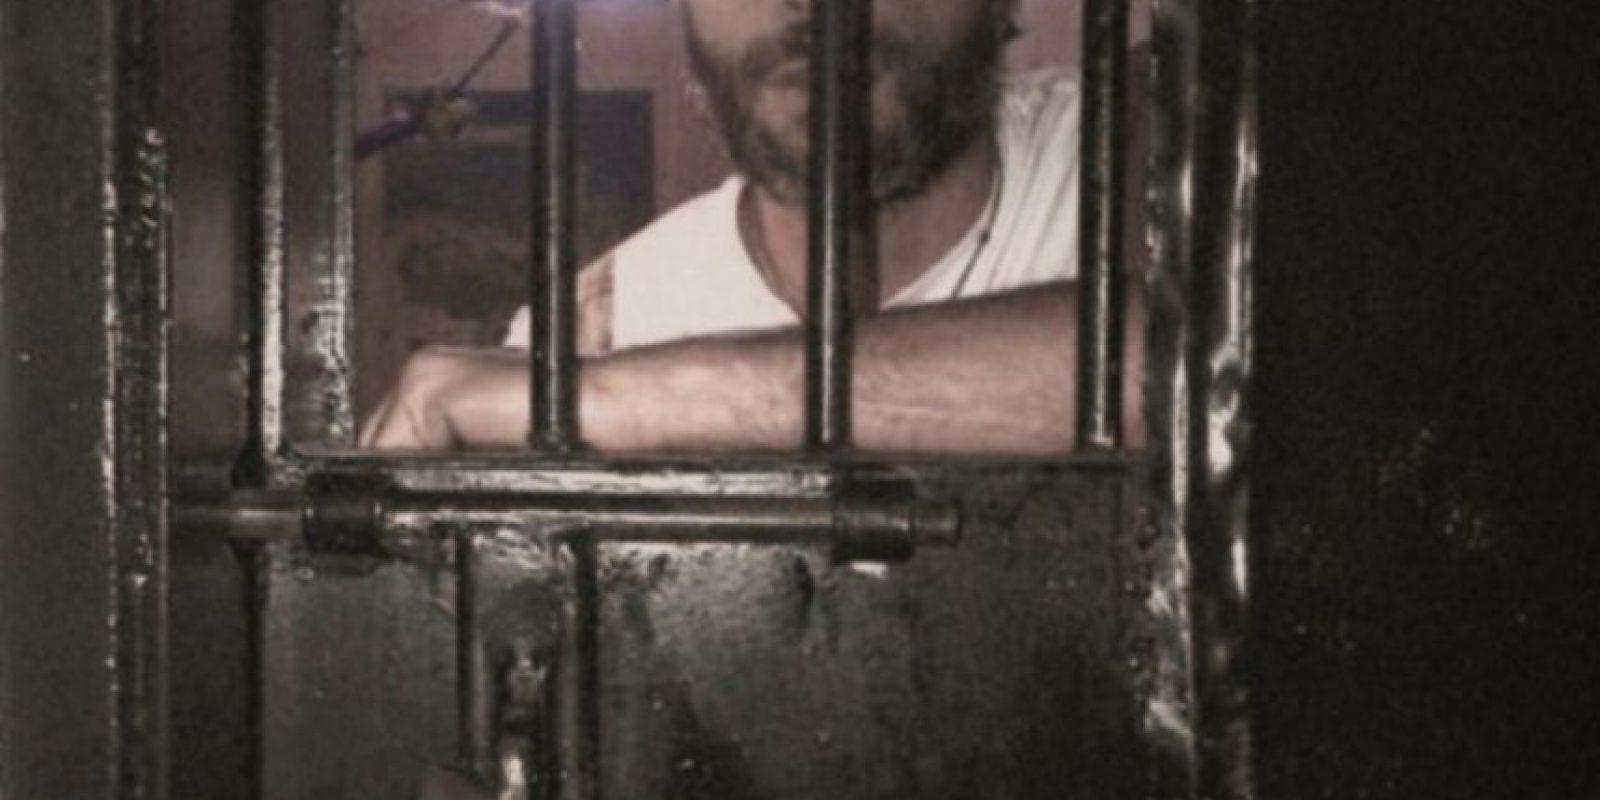 Leopoldo López fue condenado a 13 años de prisión en septiembre, acusado de organizar las manifestaciones de febrero de 2014, que dejaron como saldo 43 muertos. Foto:AFP